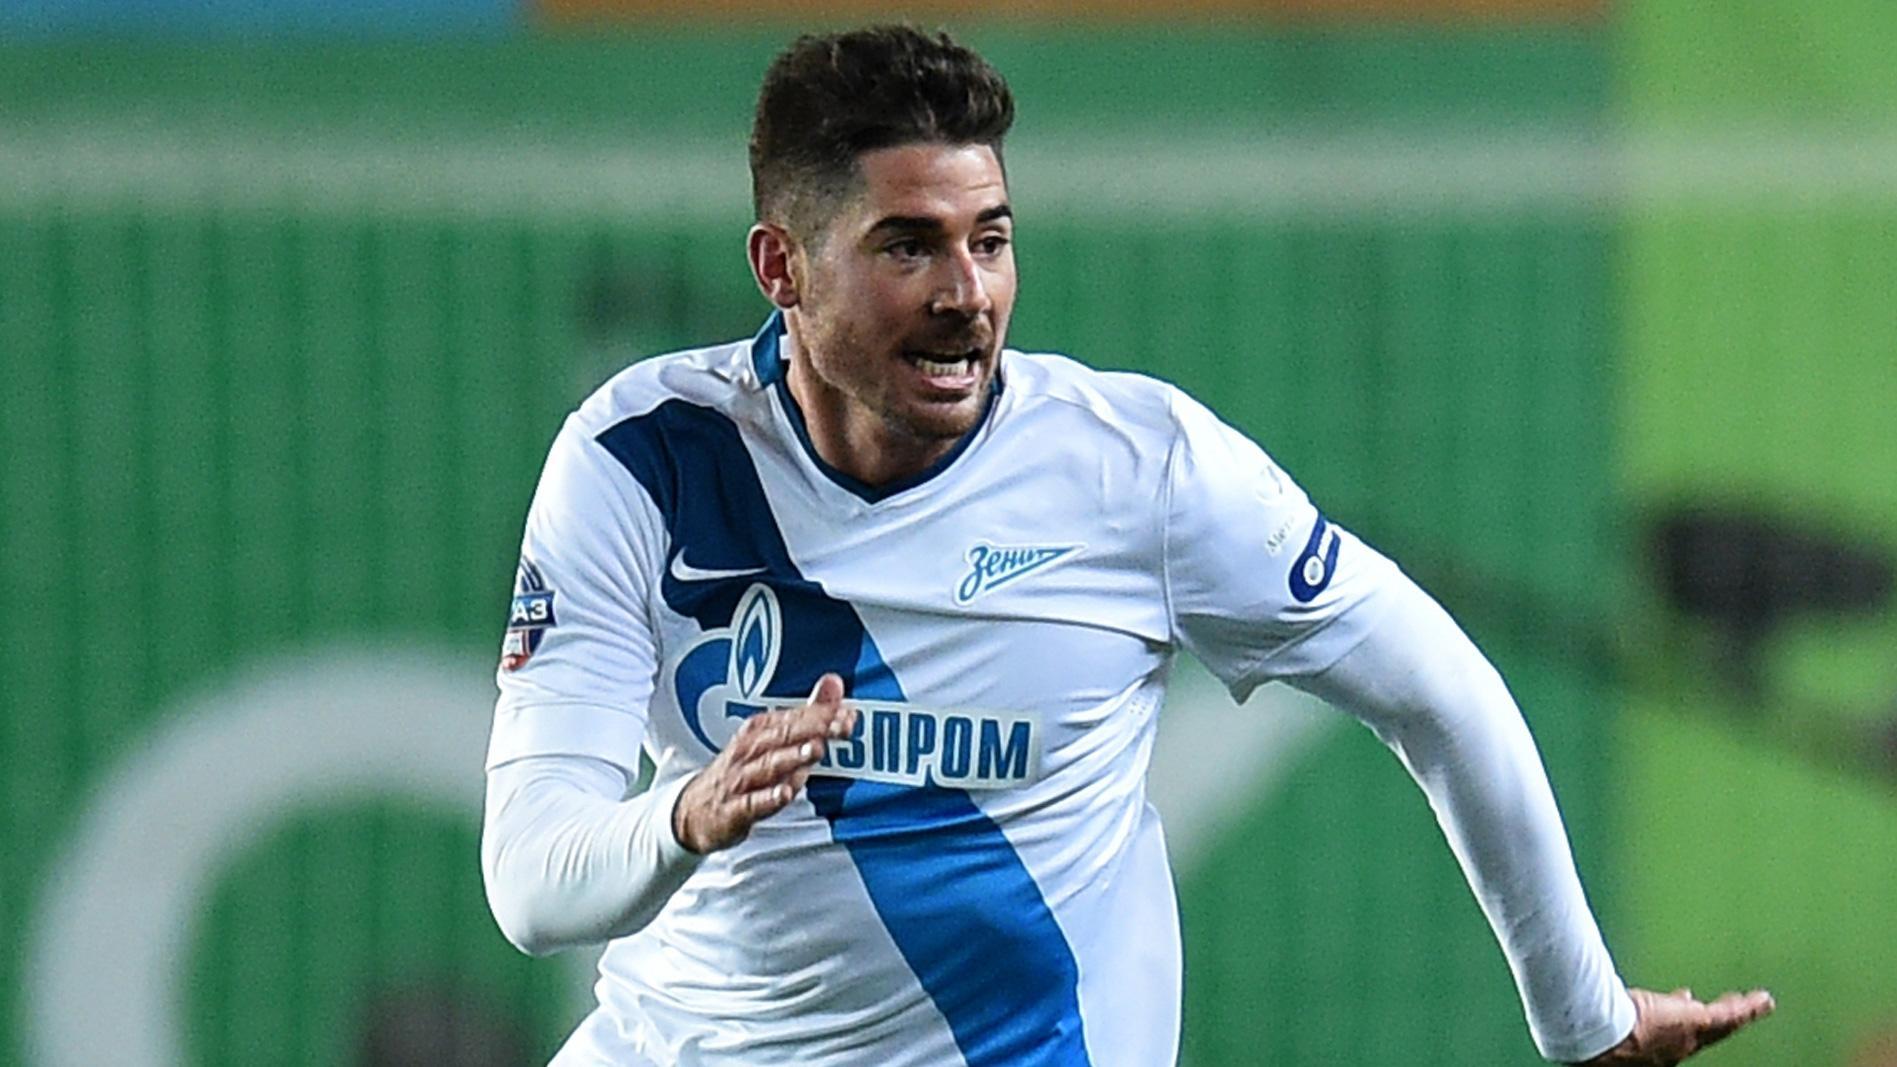 Хави Гарсия из«Зенита» может продолжить карьеру в«Бордо»